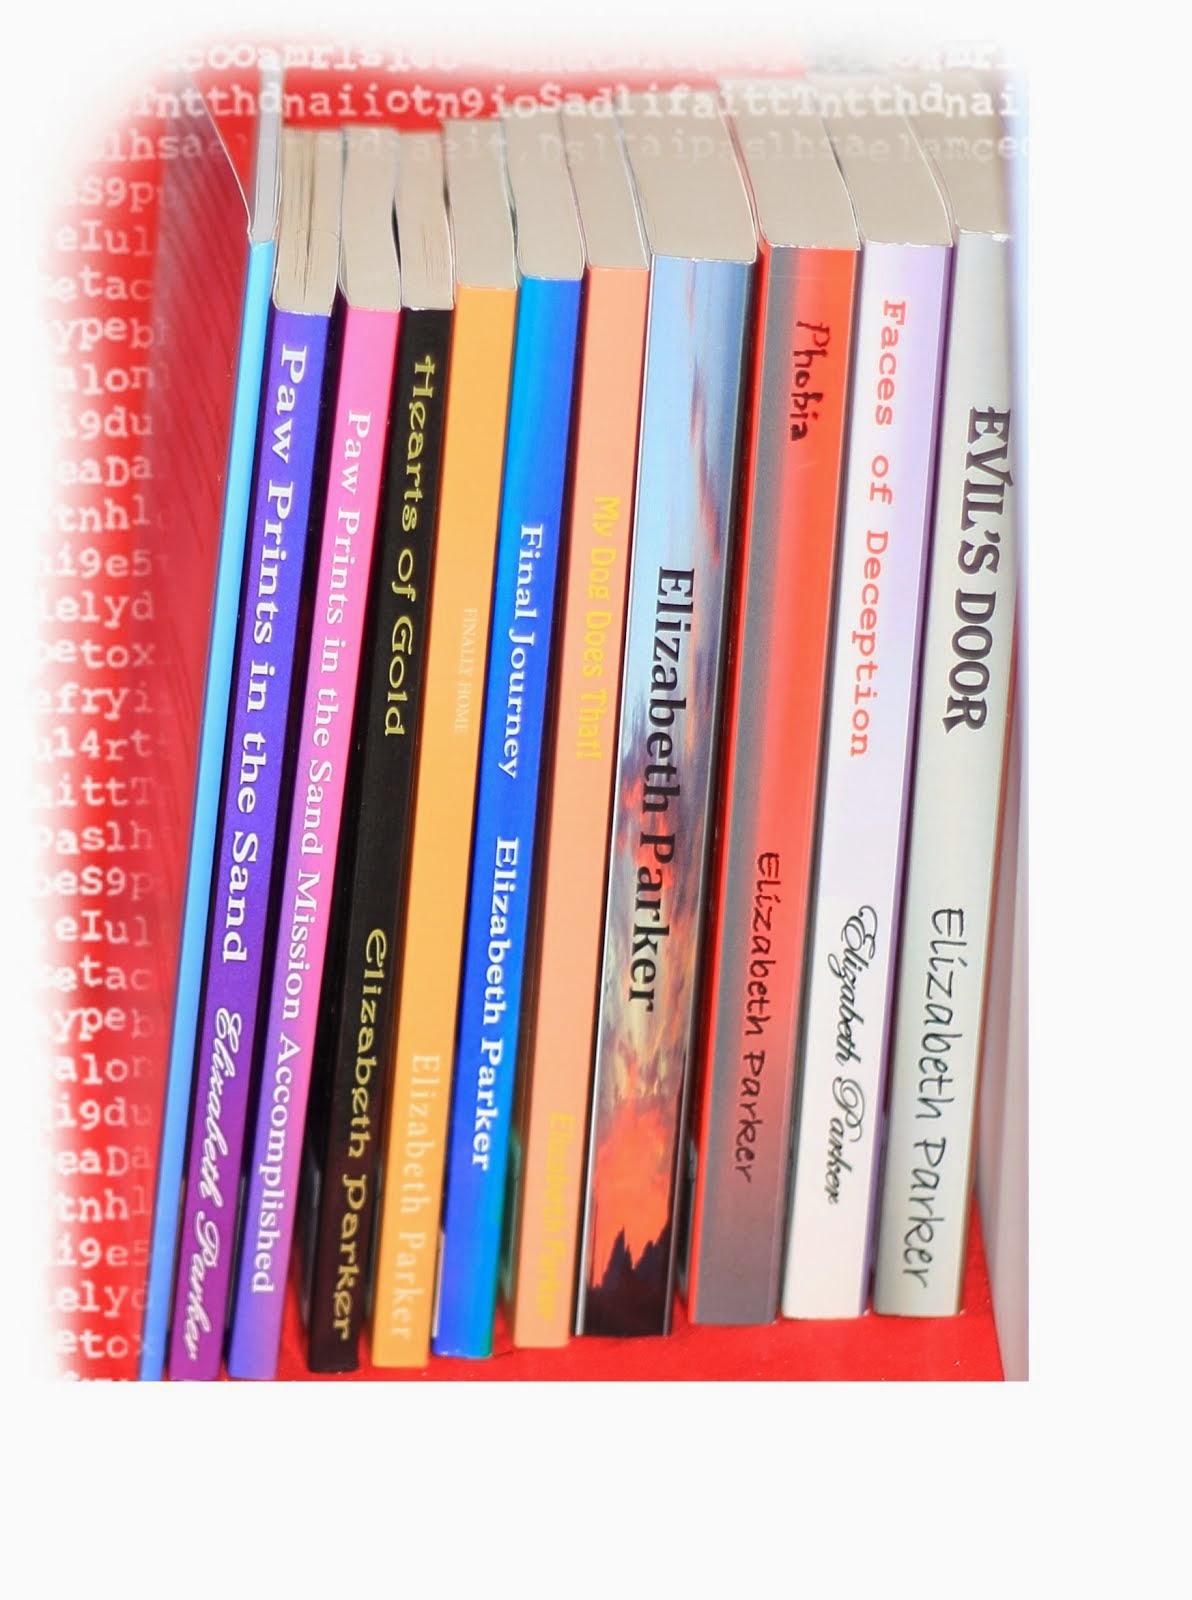 Elizabeth Parker Books